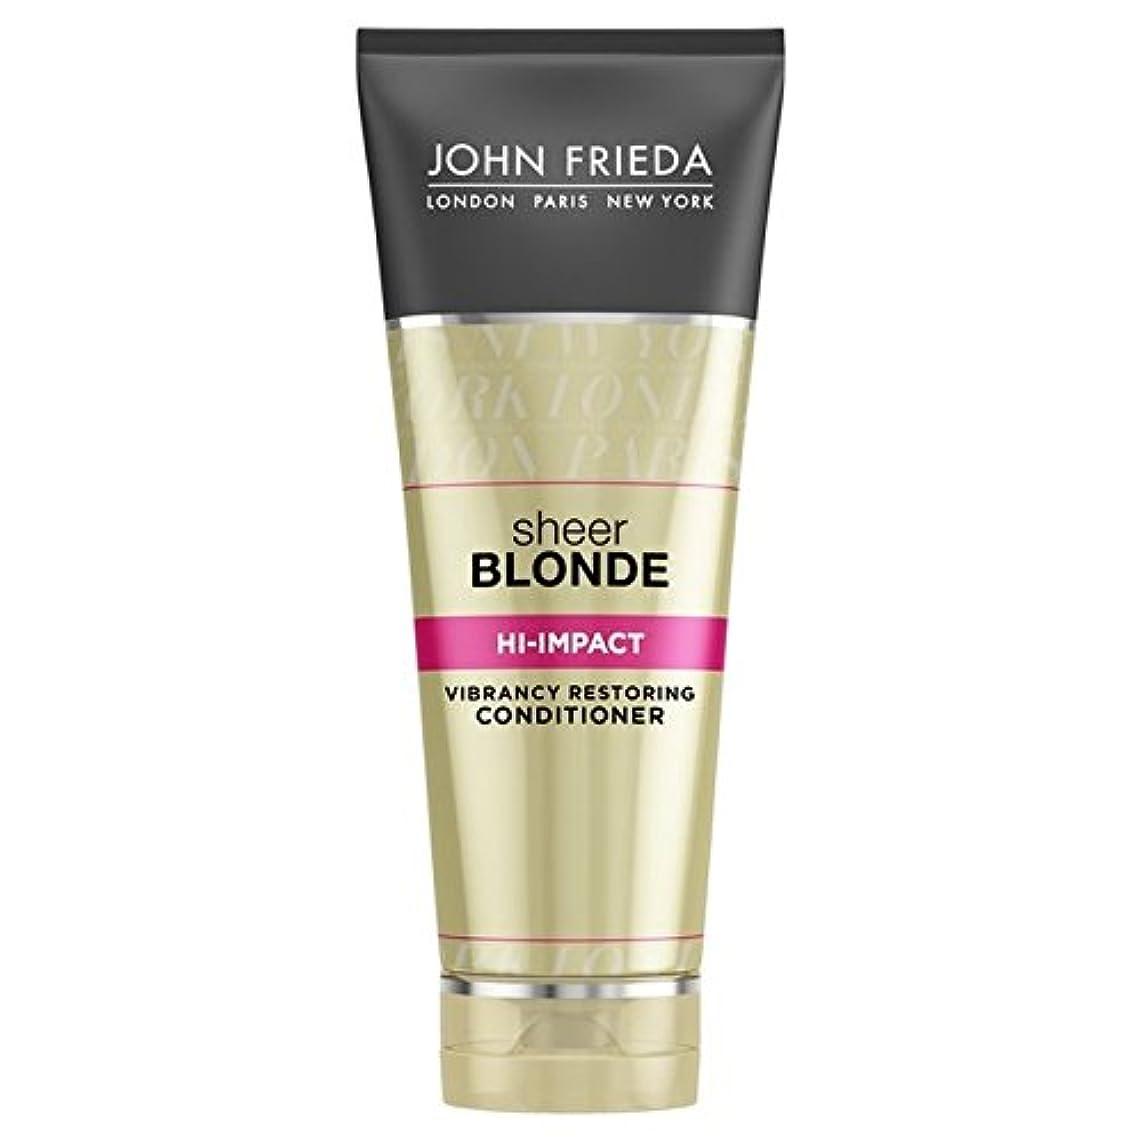 仕事知り合いになるジョージハンブリーJohn Frieda Sheer Blonde Hi Impact Conditioner 250ml - ジョン?フリーダ膨大なブロンドハイインパクトコンディショナー250 [並行輸入品]